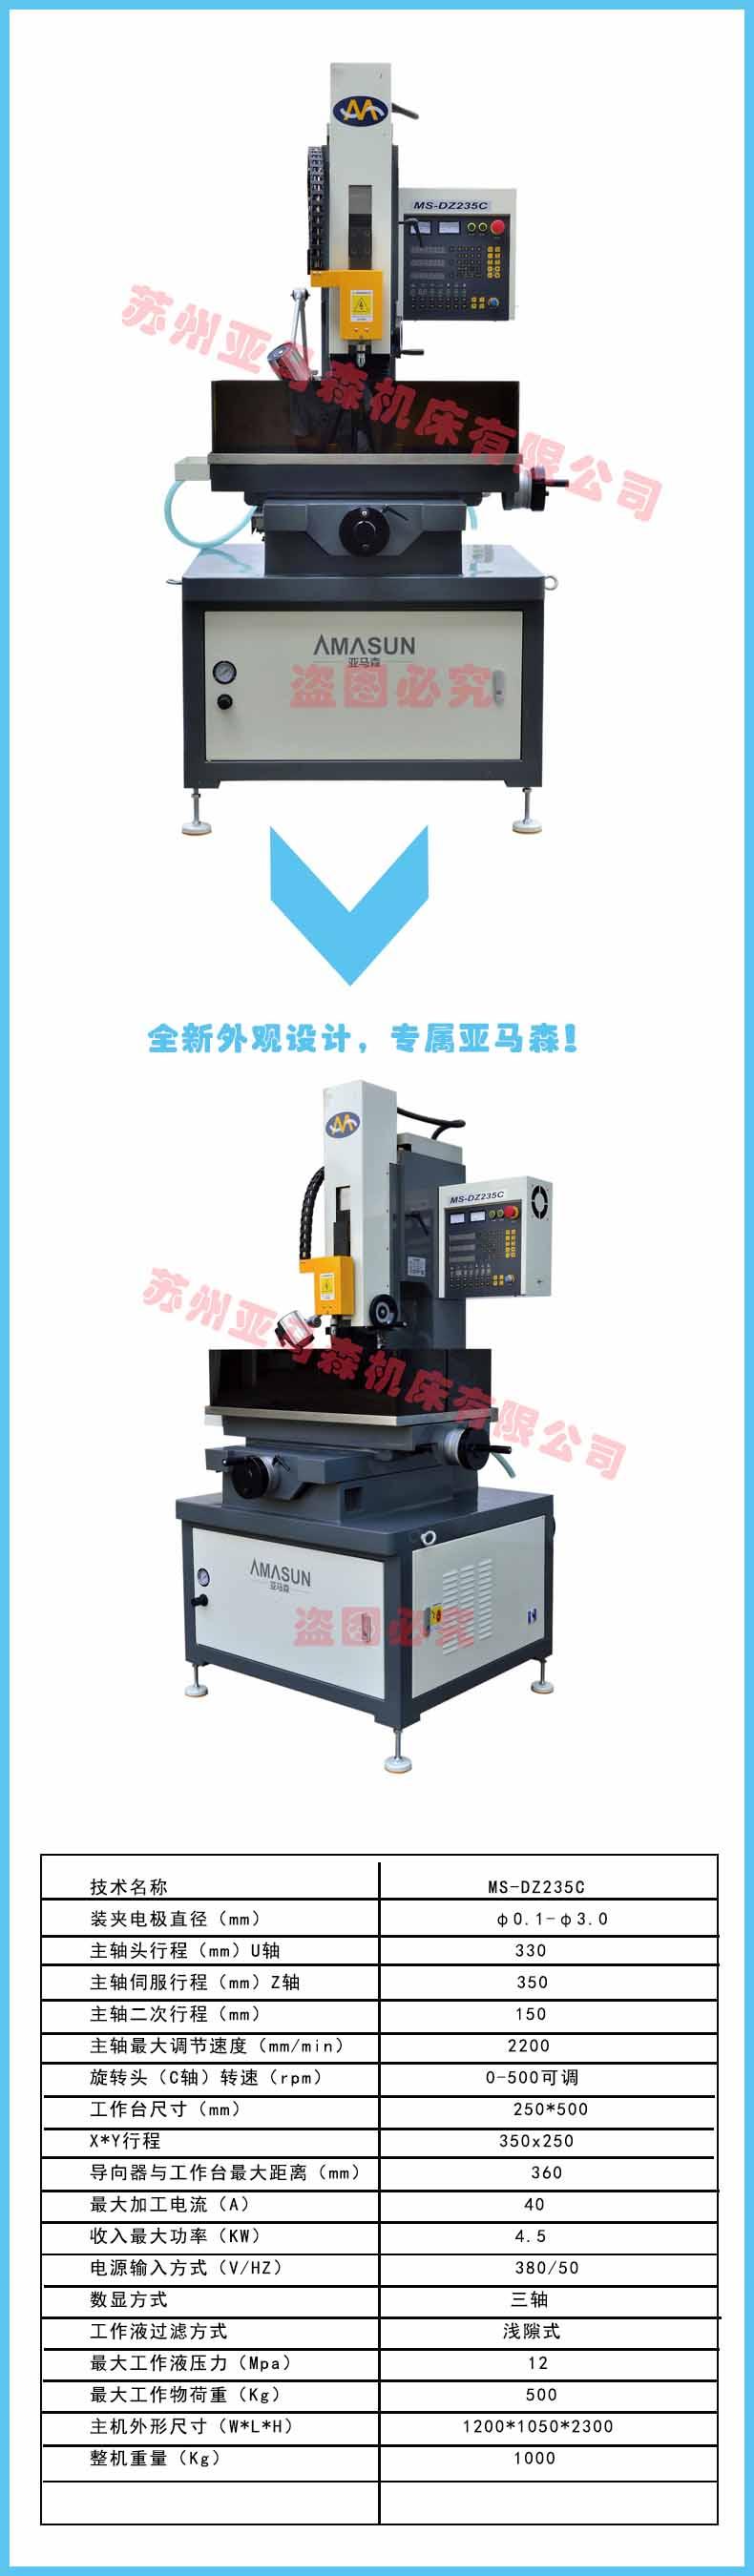 小孔机厂家 哪里生产小孔机 哪里的小孔机最好,小孔机,穿孔机,电火花小孔机,电火花穿孔机